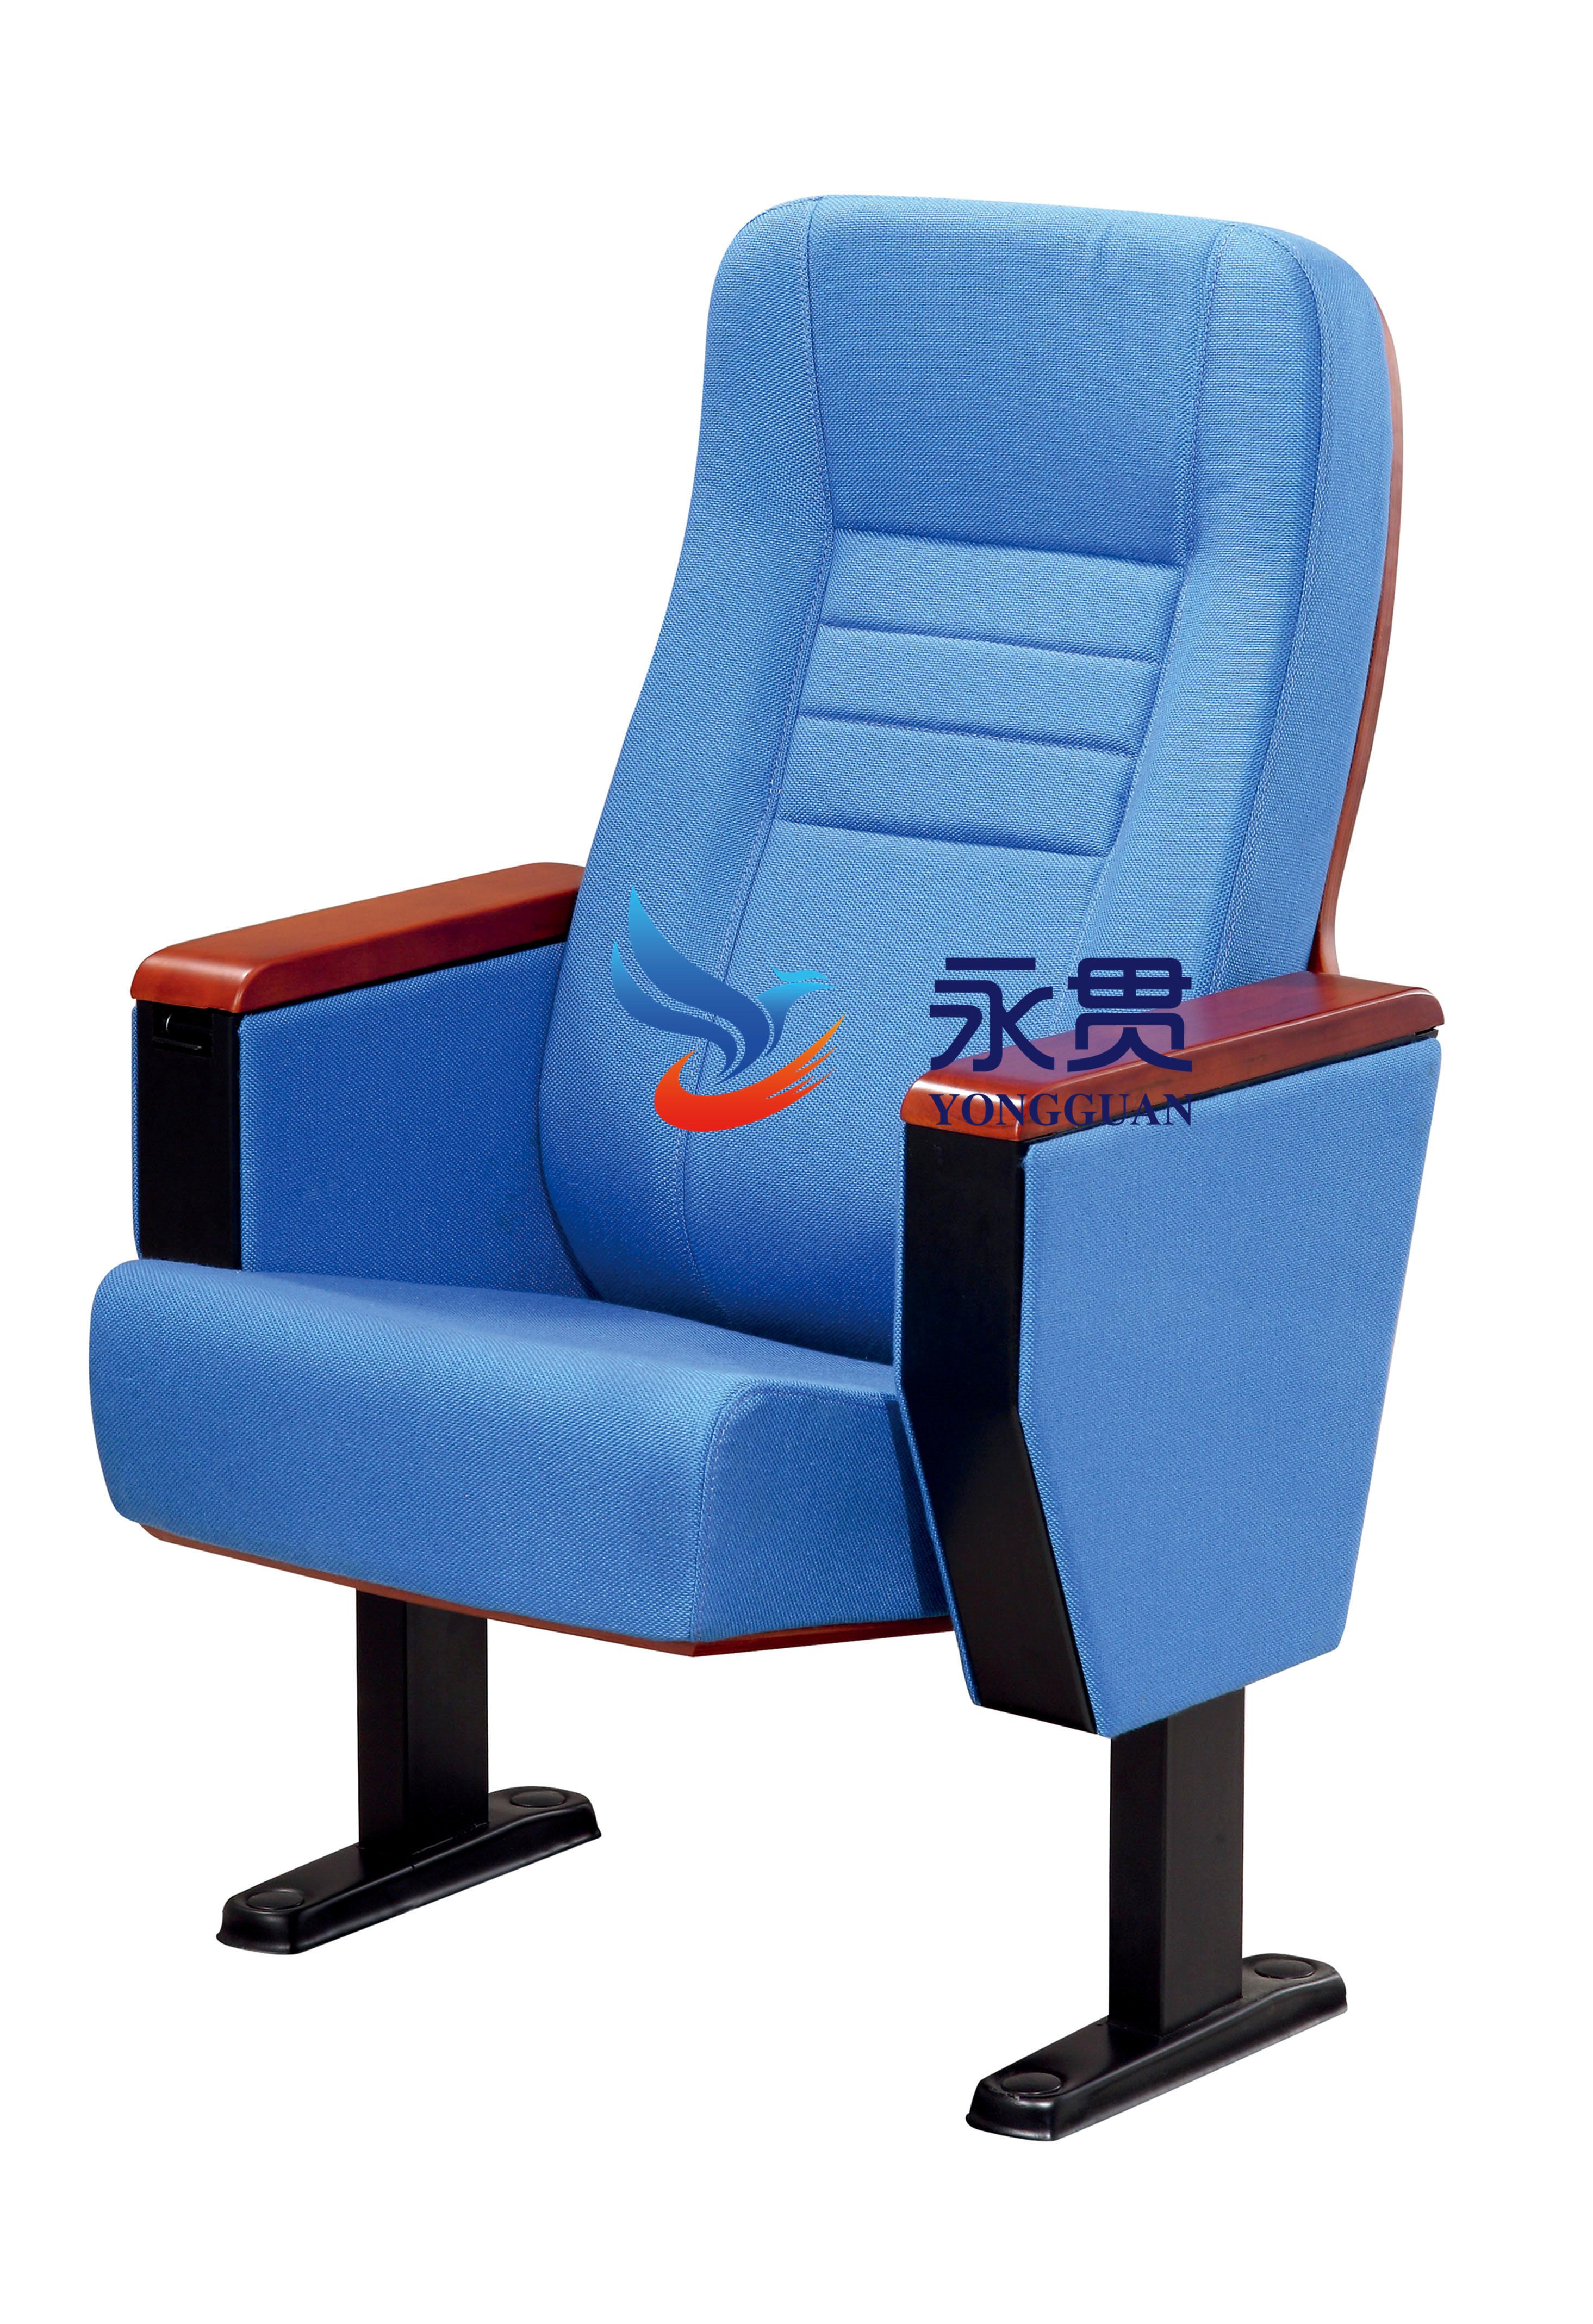 甘肃报告厅座椅厂家,甘肃专业生产报告厅座椅厂家,甘肃专业安装礼堂椅厂家 甘肃报告厅座椅厂家 河北报告厅座椅厂家 甘肃报告